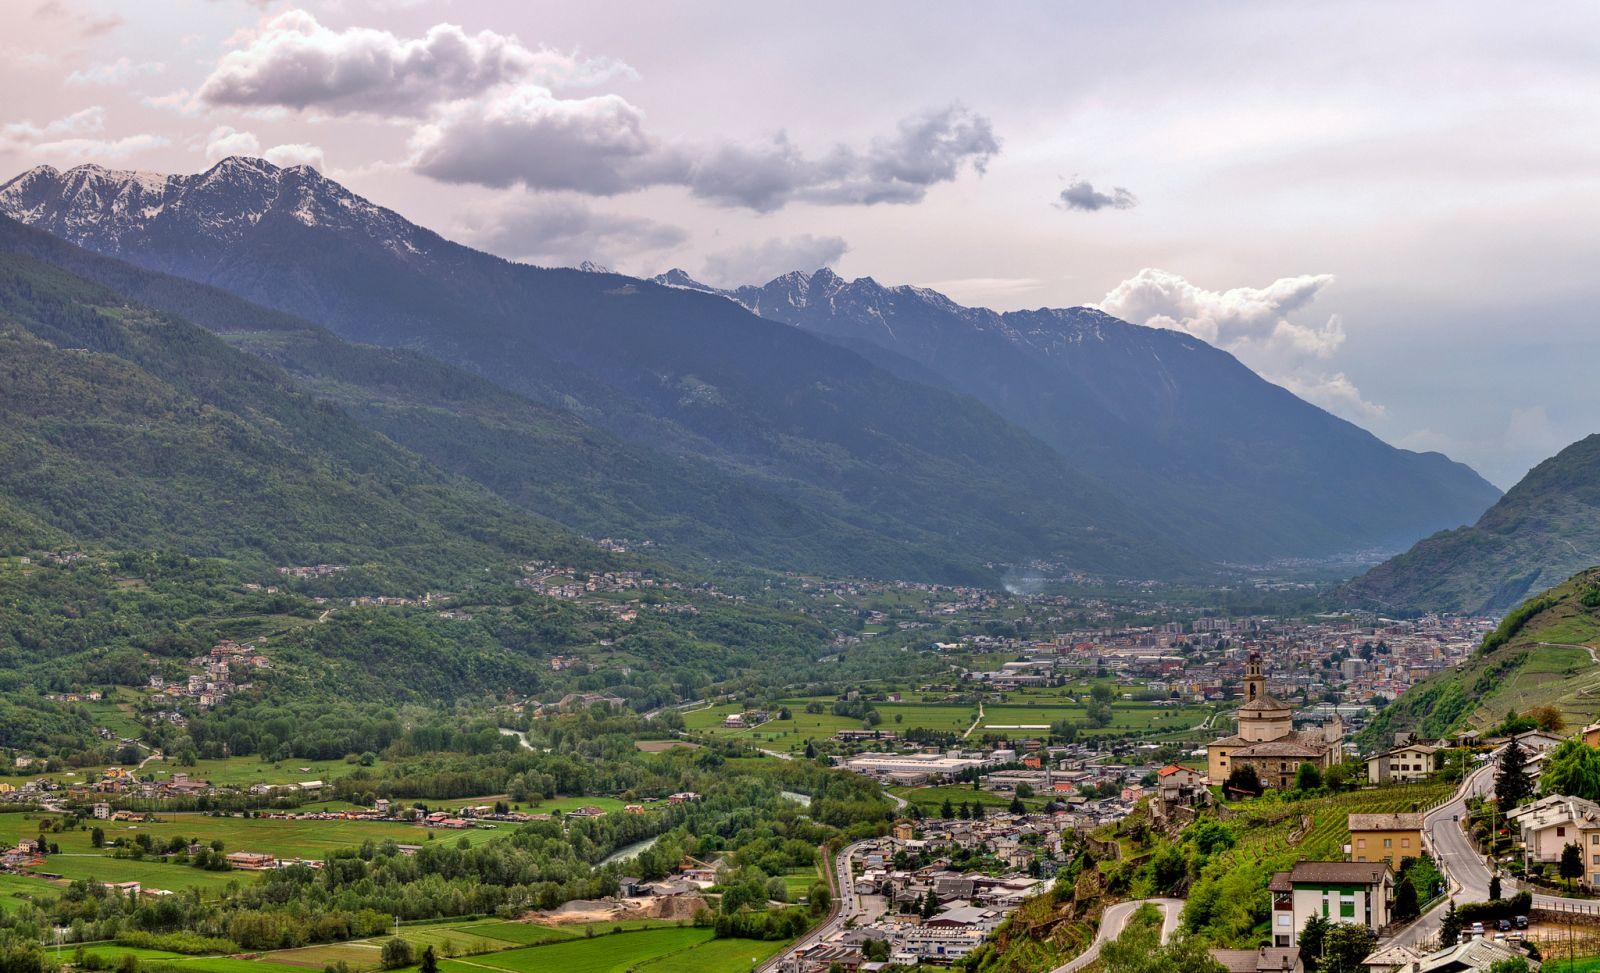 Khu vực: Valtellina Superiore và Sforzato